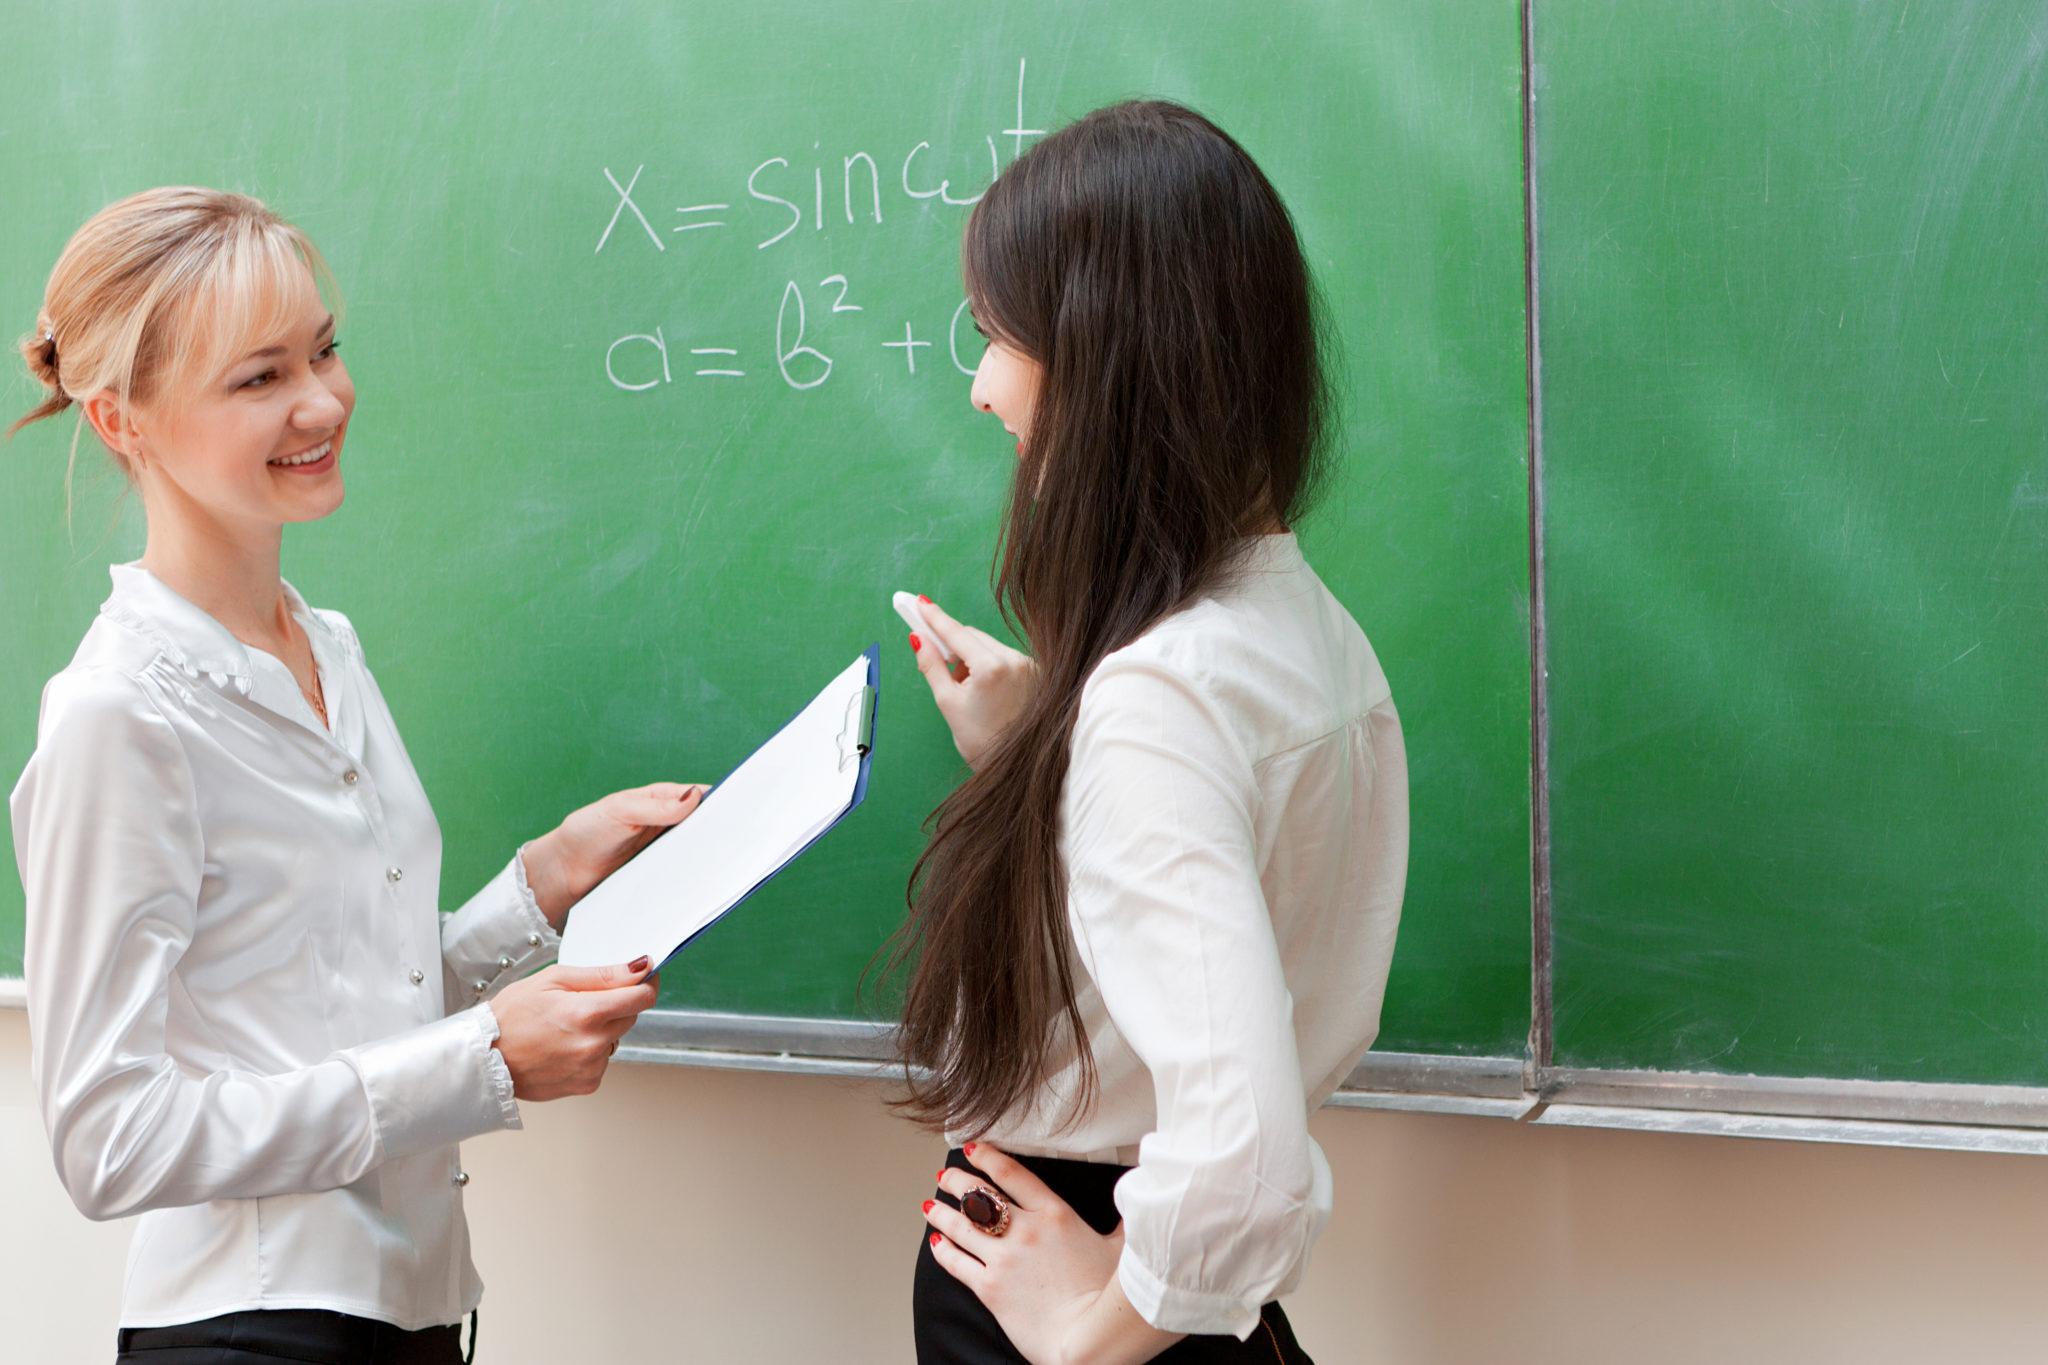 Vacantes de Profesor en Andalucía, Ofertas de trabajo para profesores, Ofertas de trabajo para profesores, Empleo de profesor en Andalucía - CVExpres